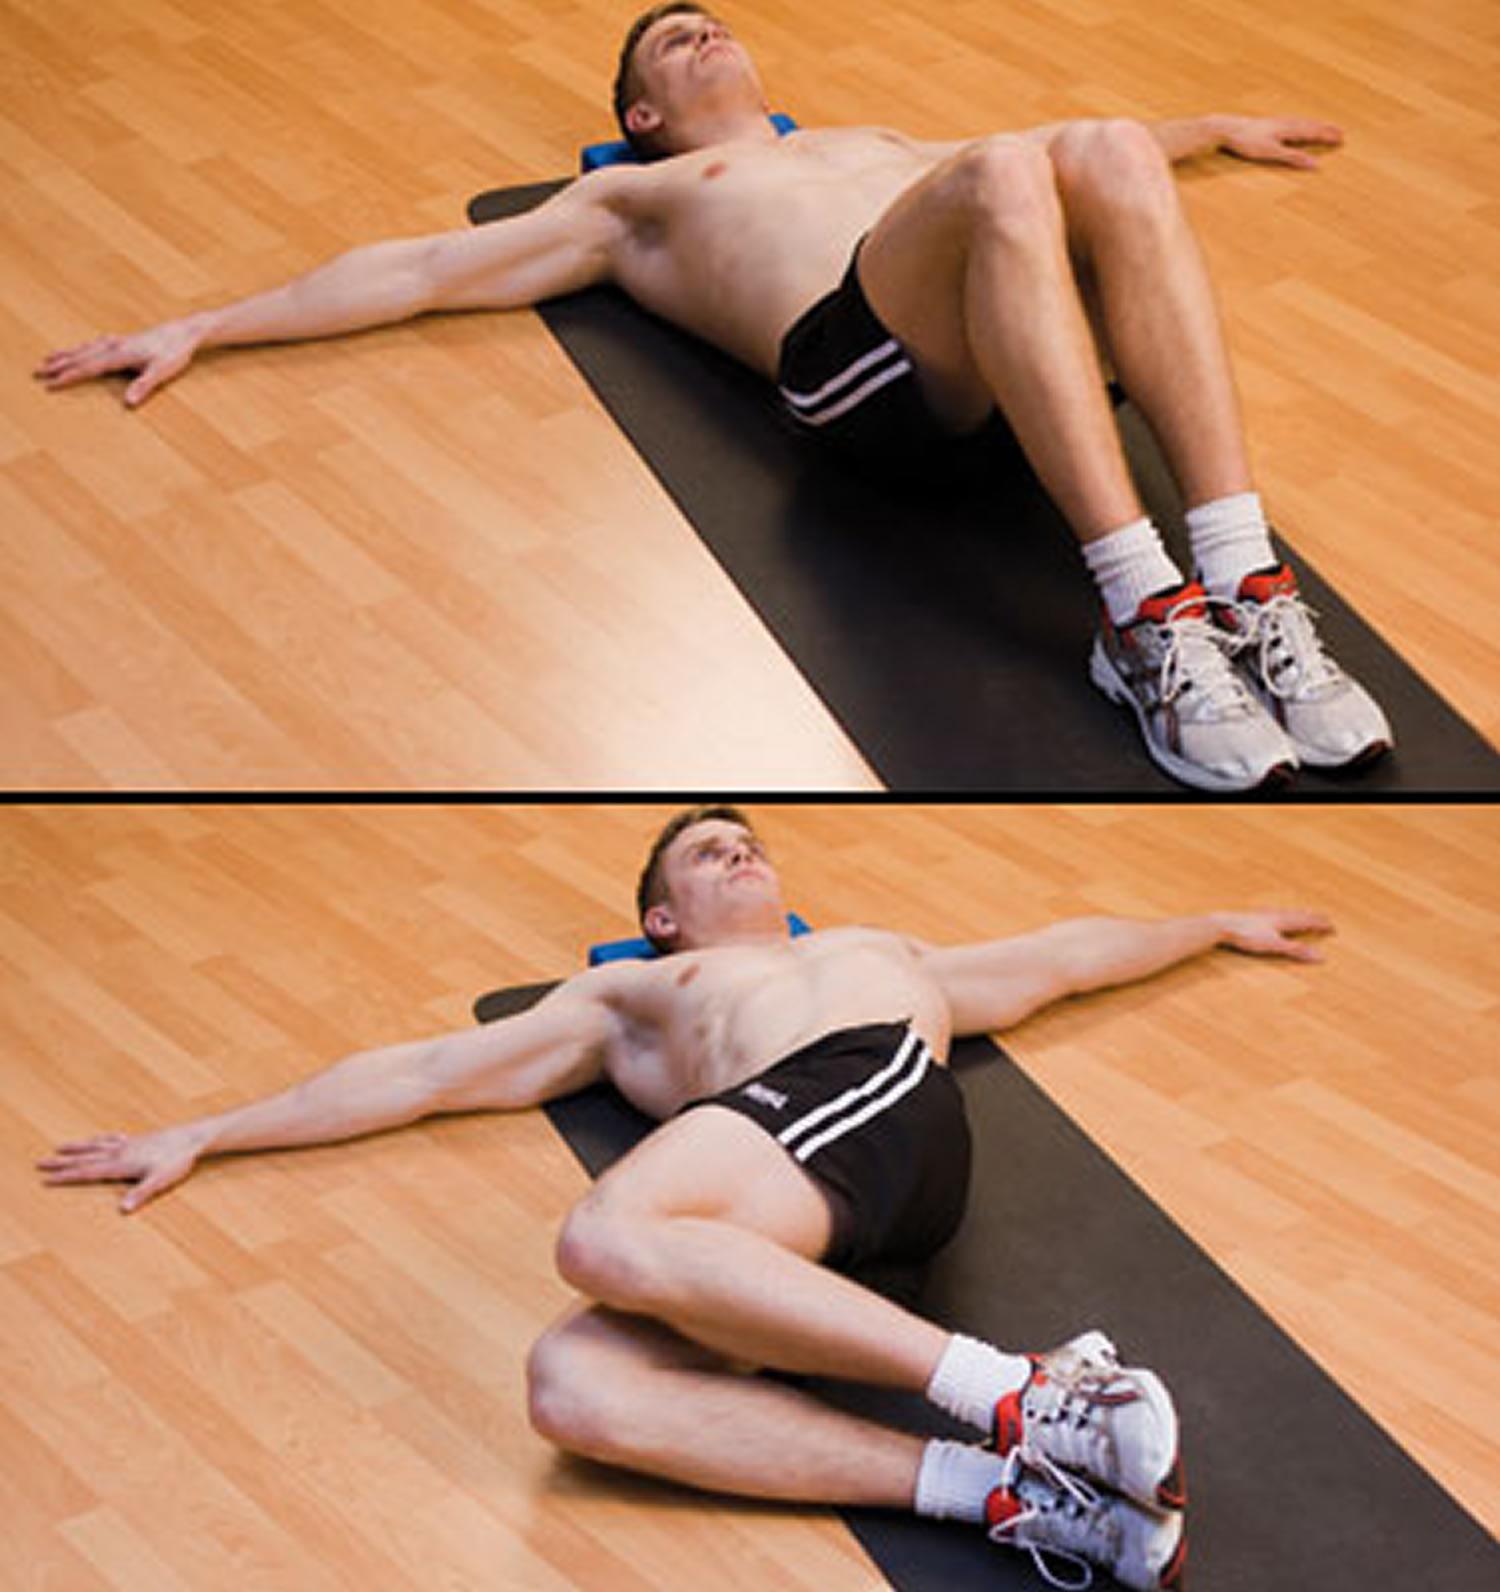 lower back pain - knee rolls exercise